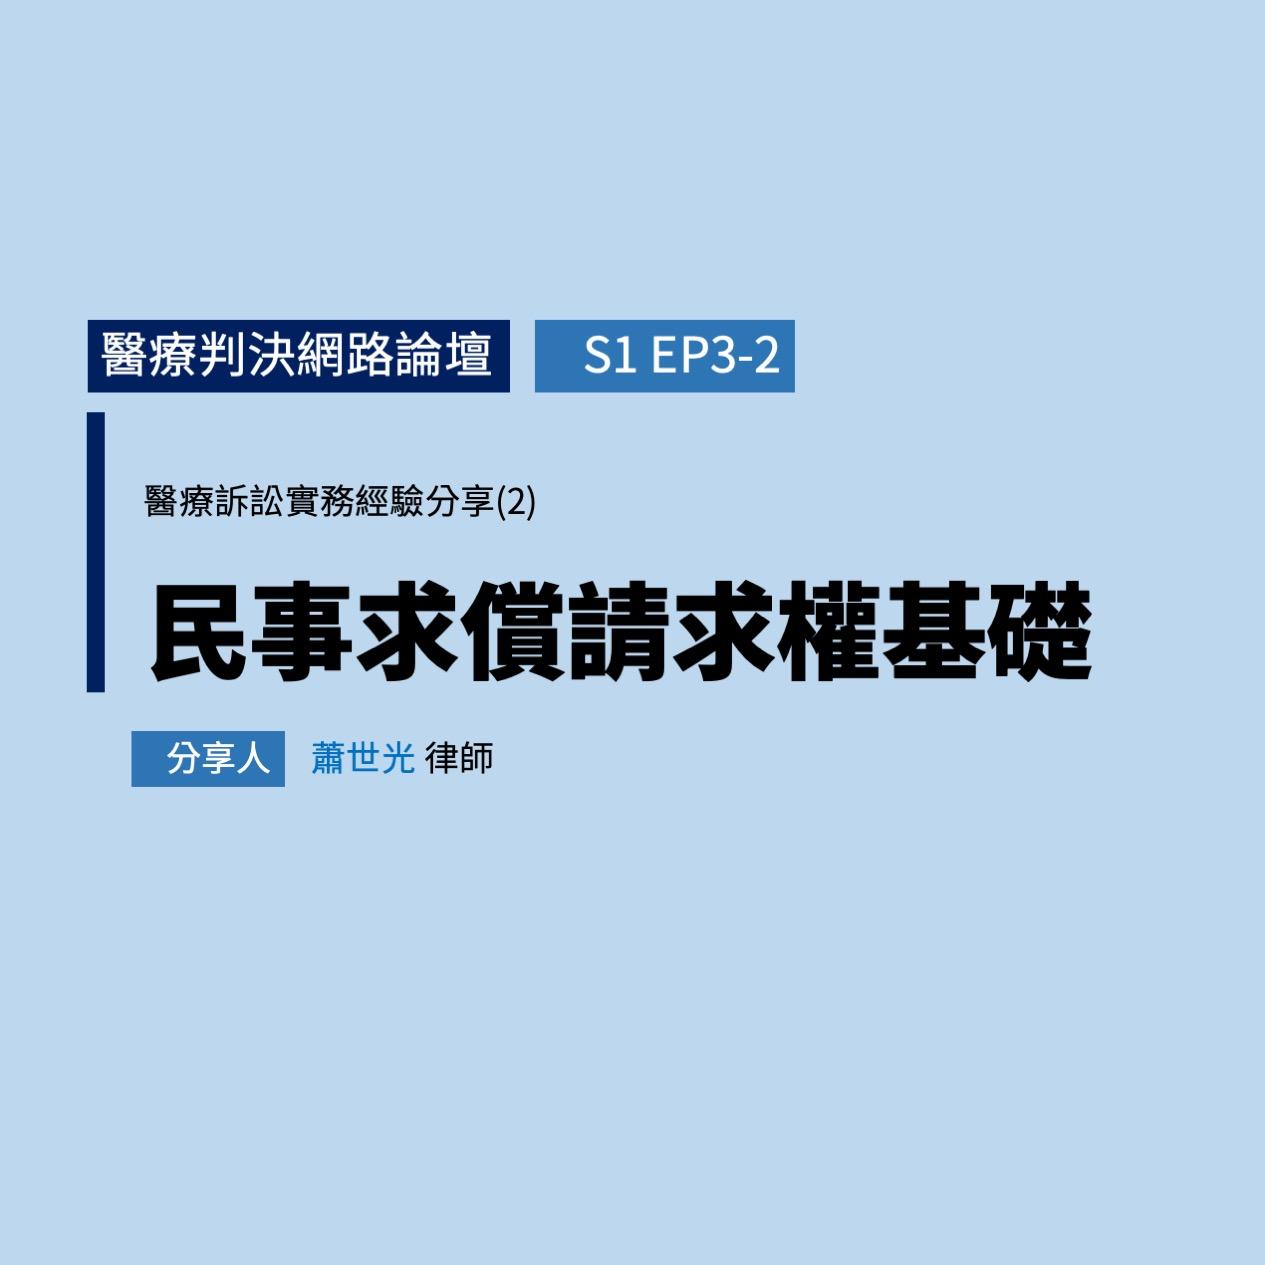 【醫療判決網路論壇 #03-2】醫療訴訟實務經驗分享(2) – 民事求償請求權基礎